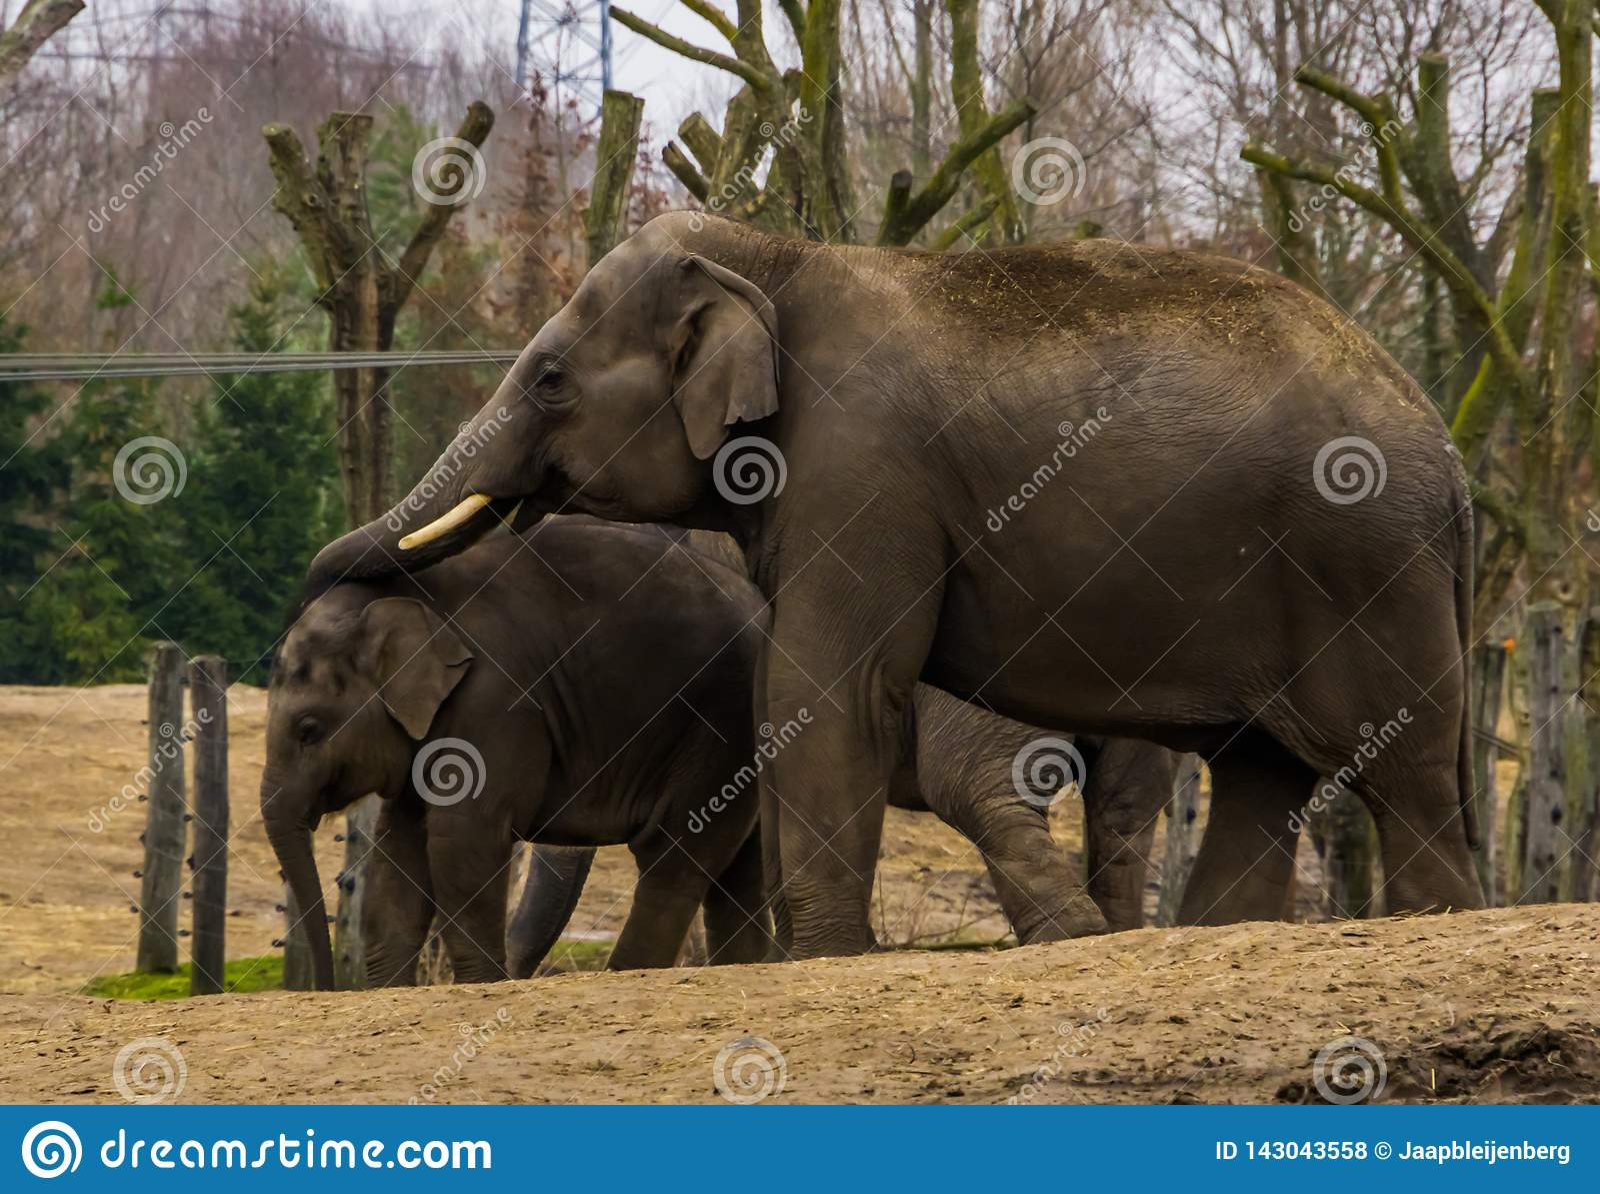 Ο αρσενικός ασιατικός ελέφαντας που βάζει τον κορμό του πέρα από το νέο ελέφαντά του, ζωικό οικογενειακό πορτρέτο ενός πατέρα και